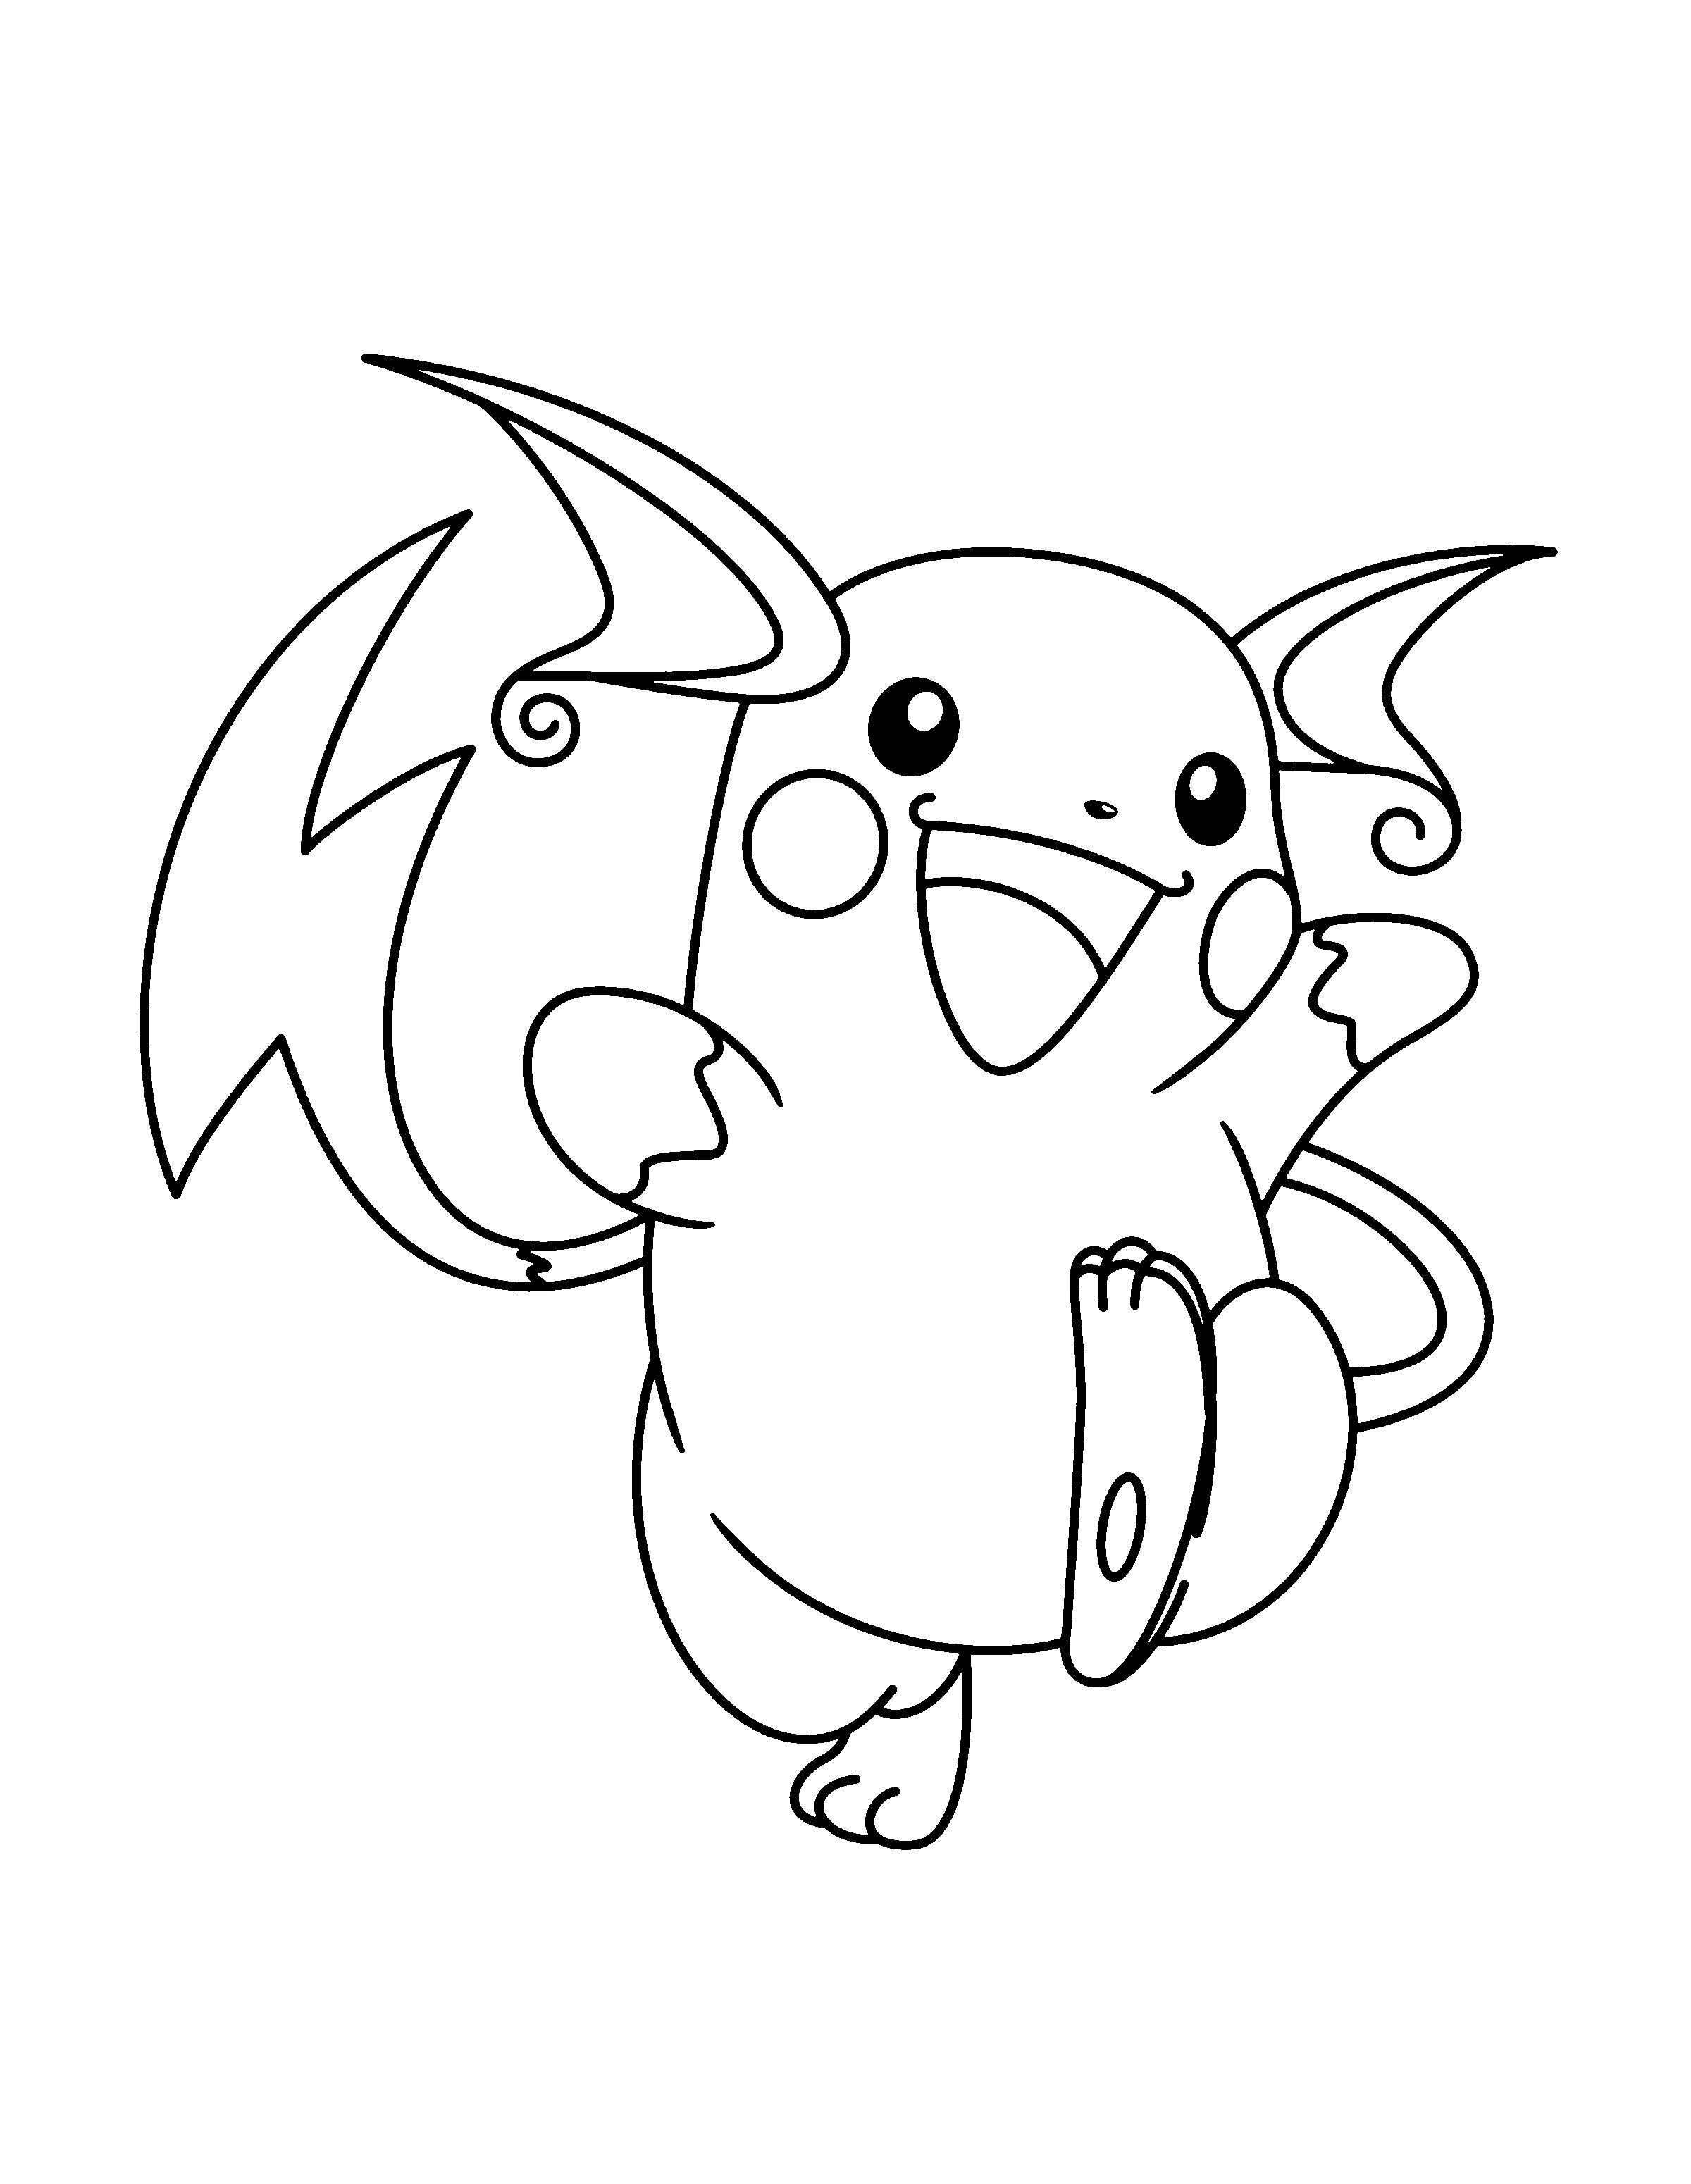 Dessin A Colorier Pokemon